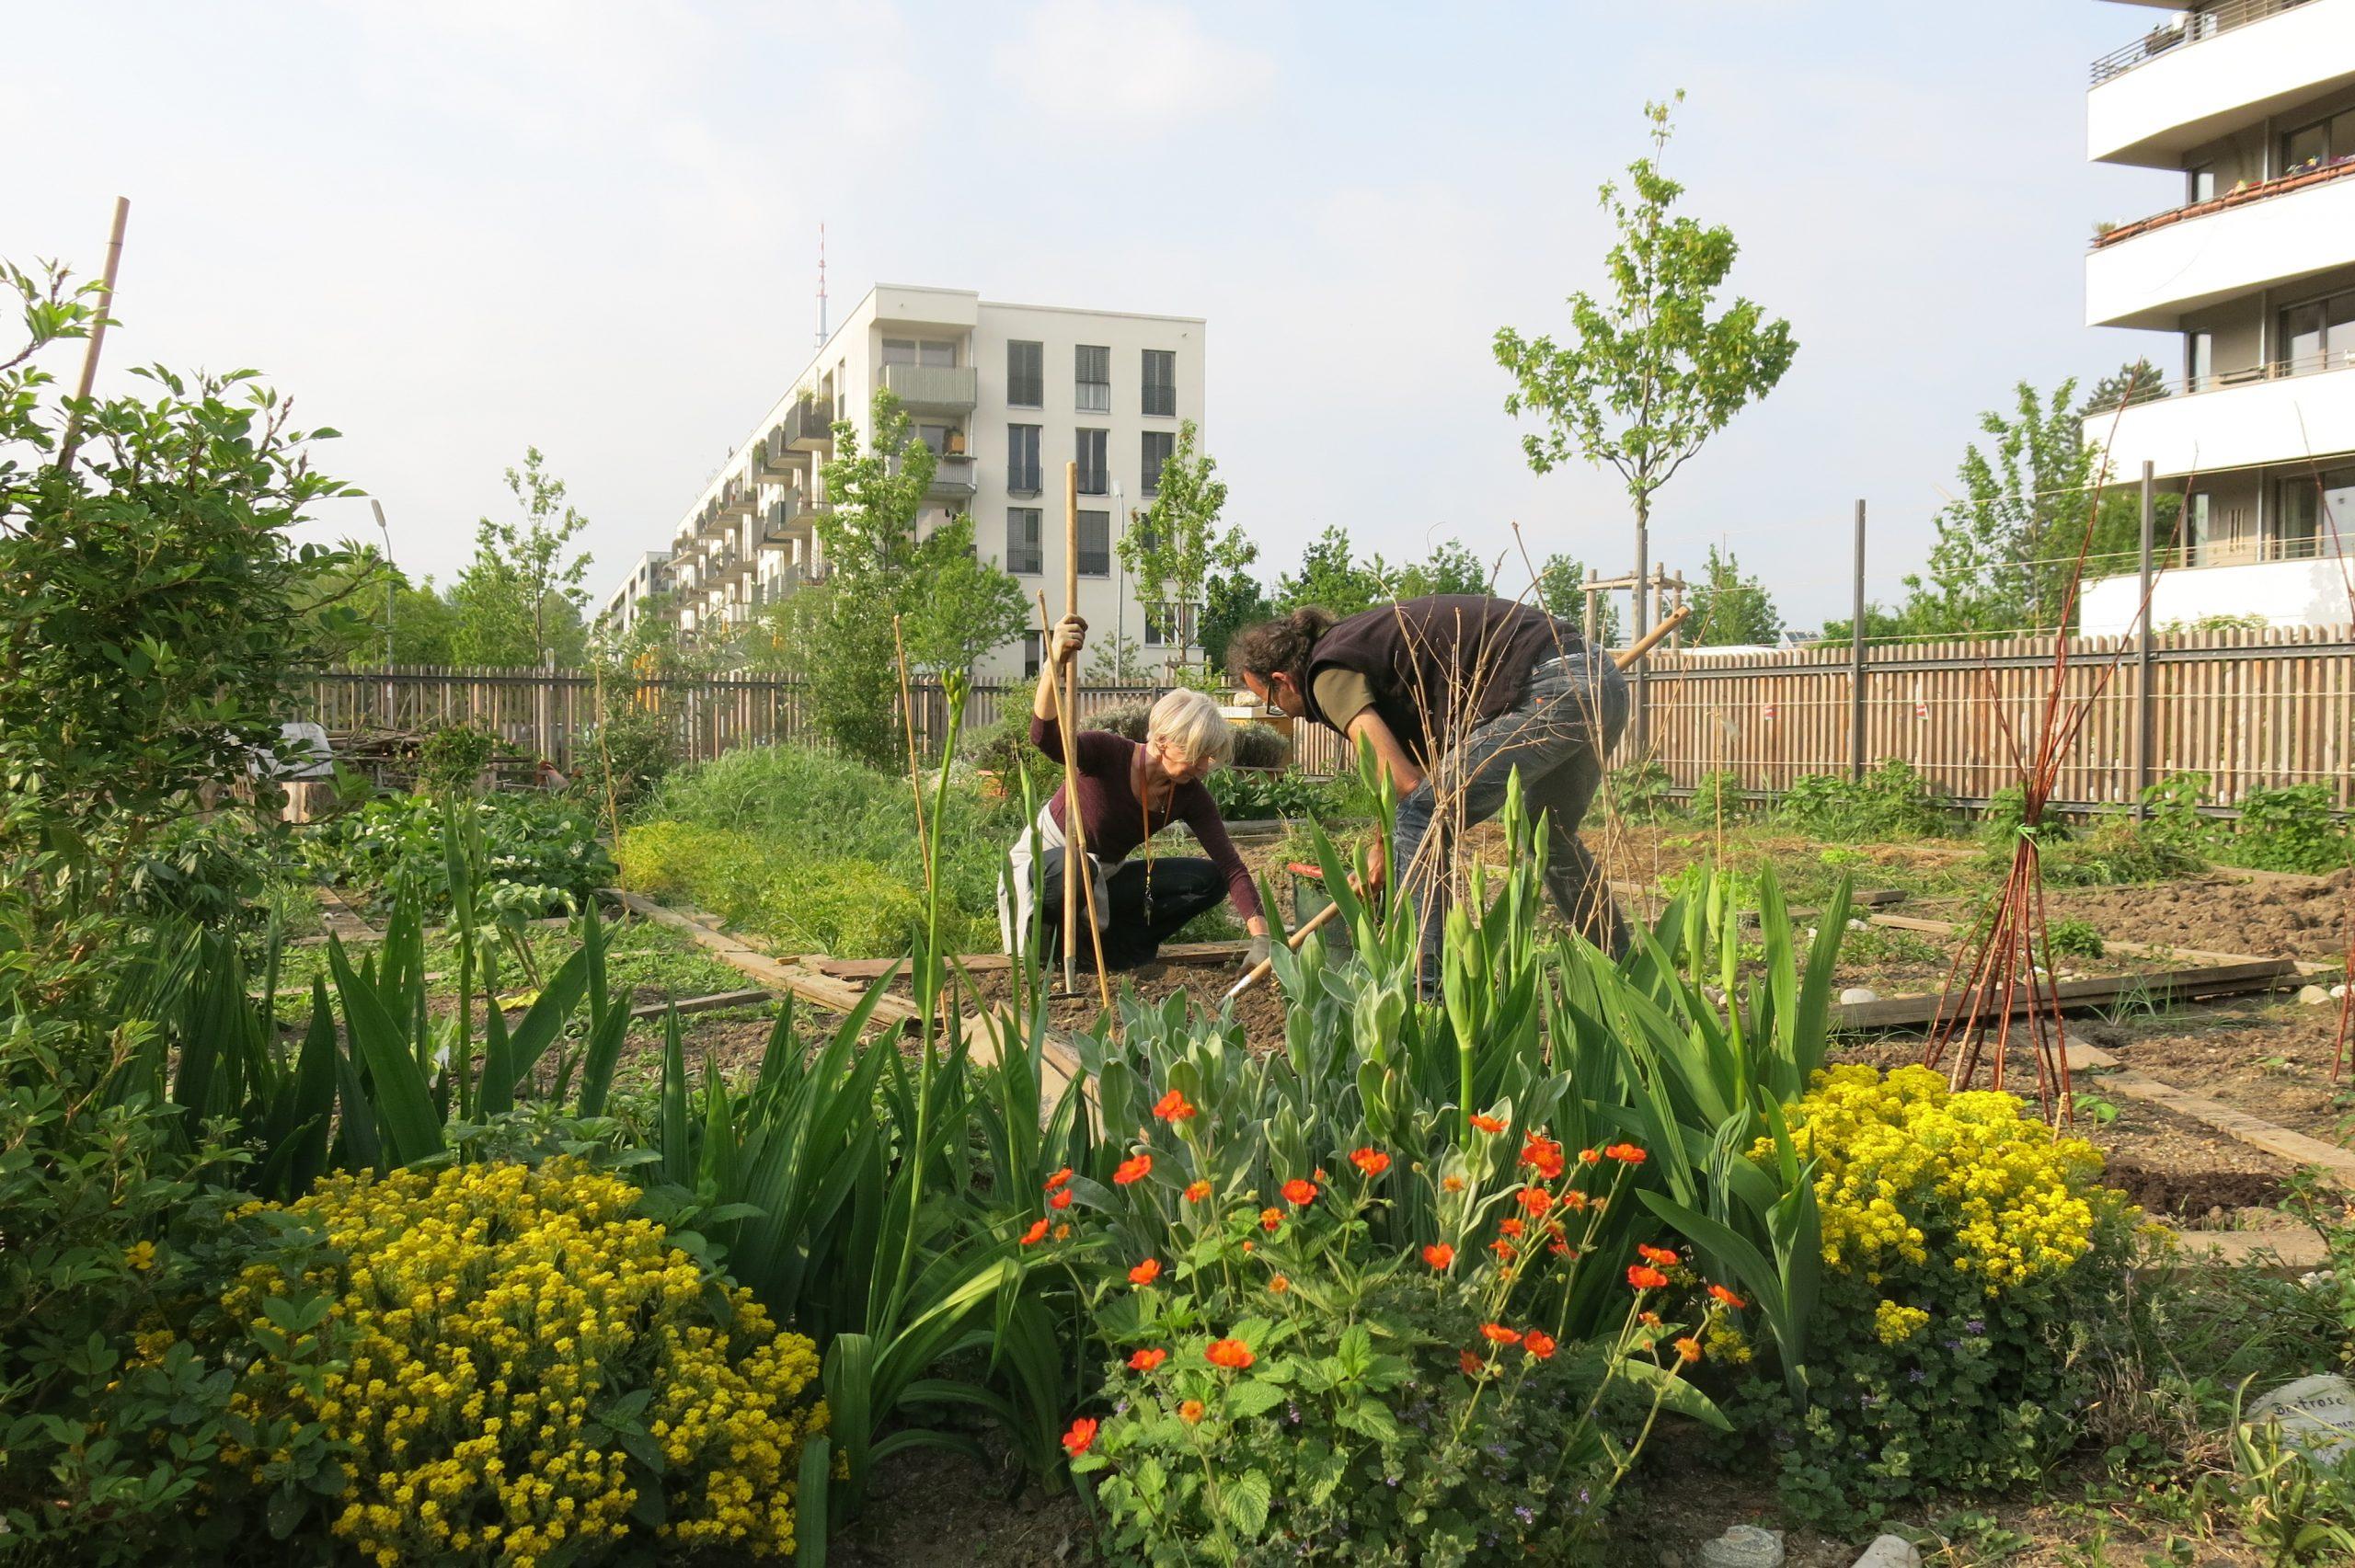 NachbarschaftsBörse am Ackermannbogen: Im StadtAcker wächst Gartenwissen, Gemüse und Gemeinschaft